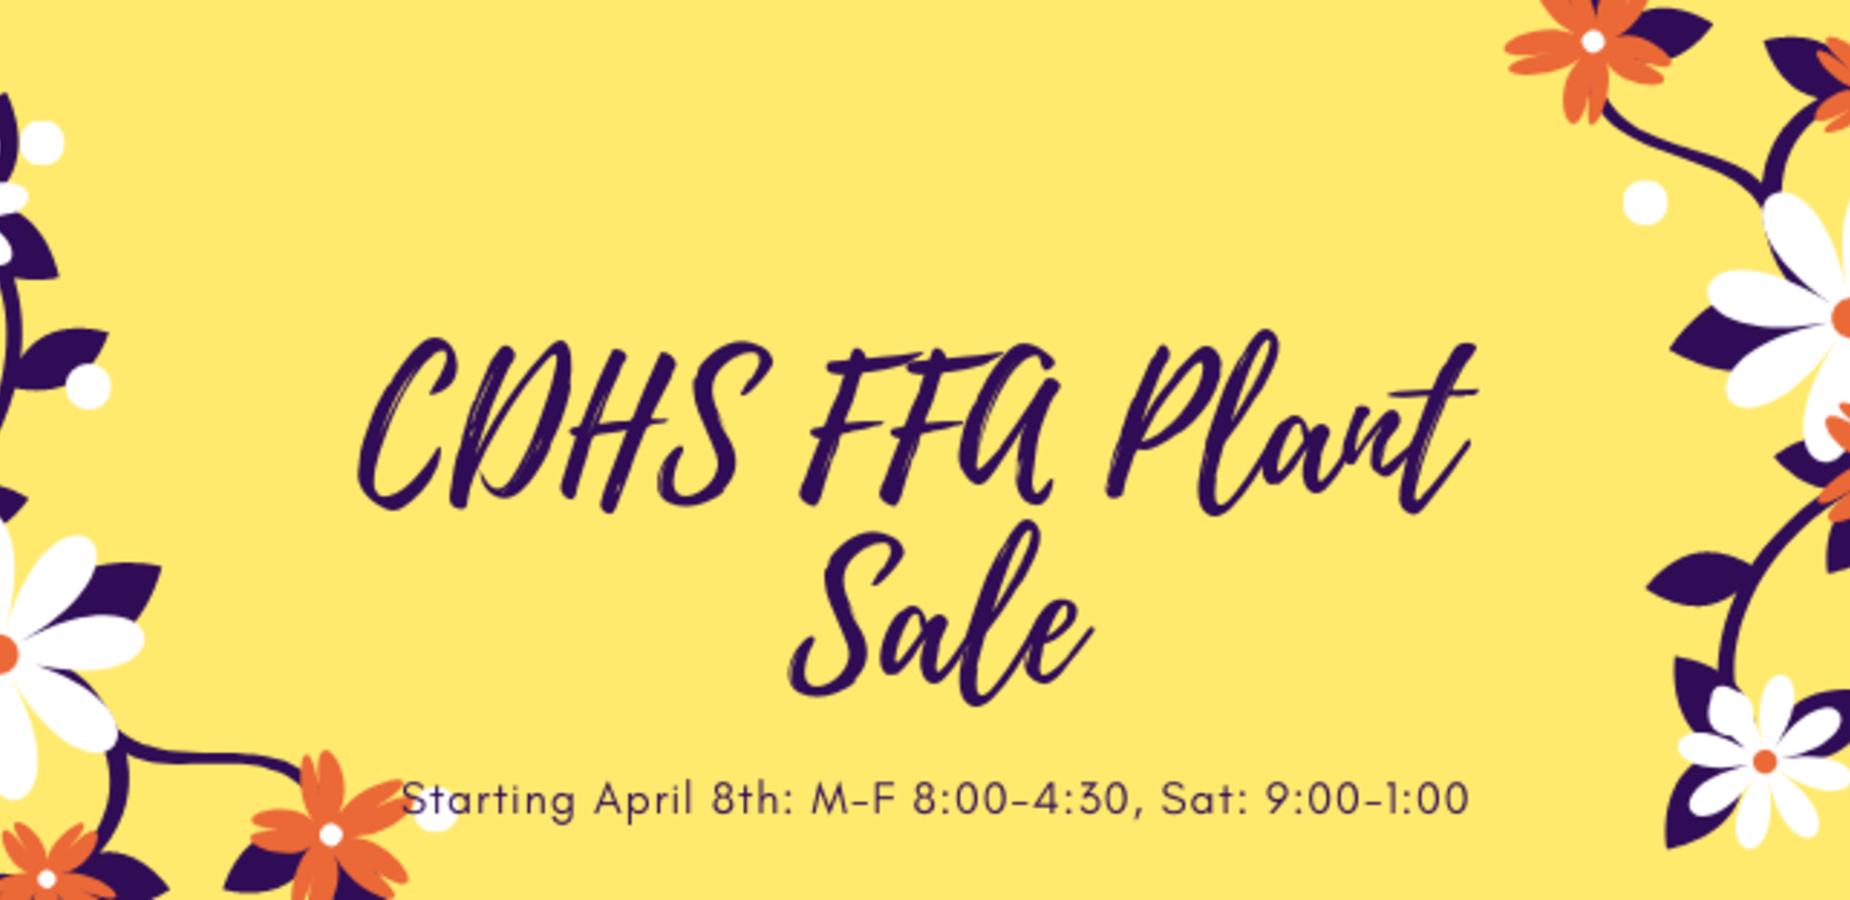 CDHS FFA Plant Sale